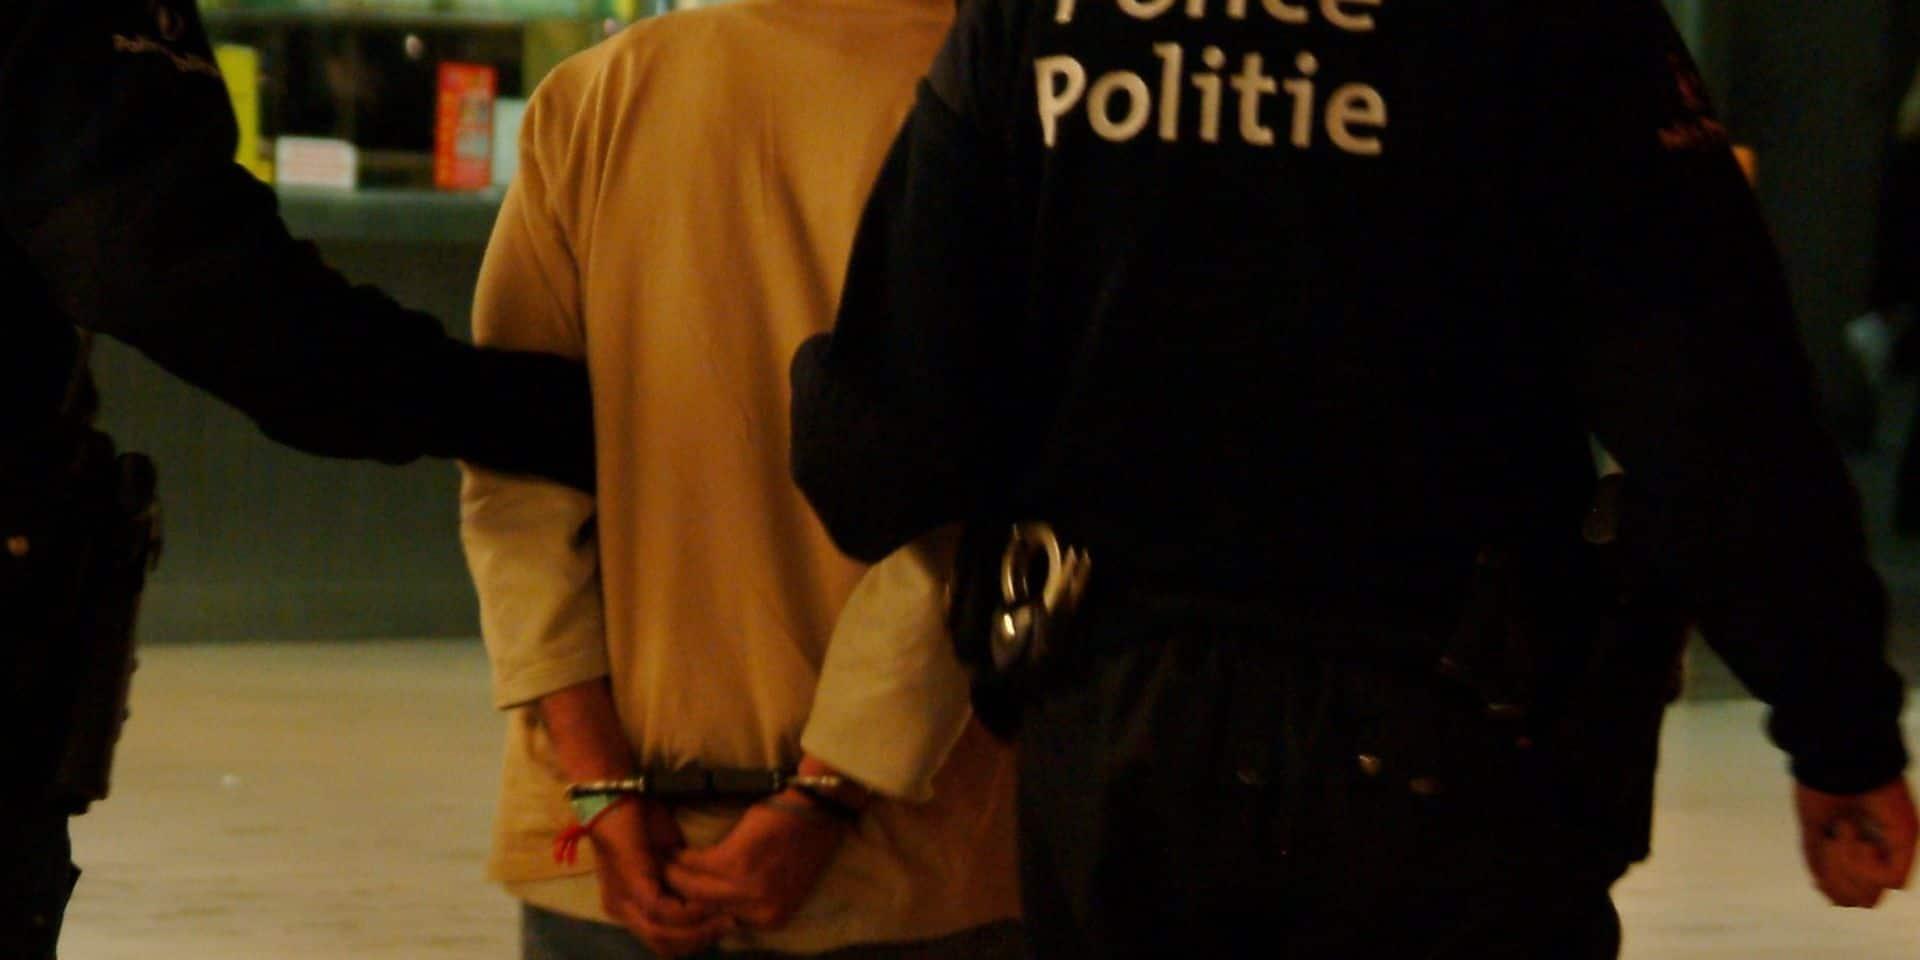 Un entraîneur filmait dans les vestiaires et partageait les images sur un forum voyeuriste: 30 mois de prison